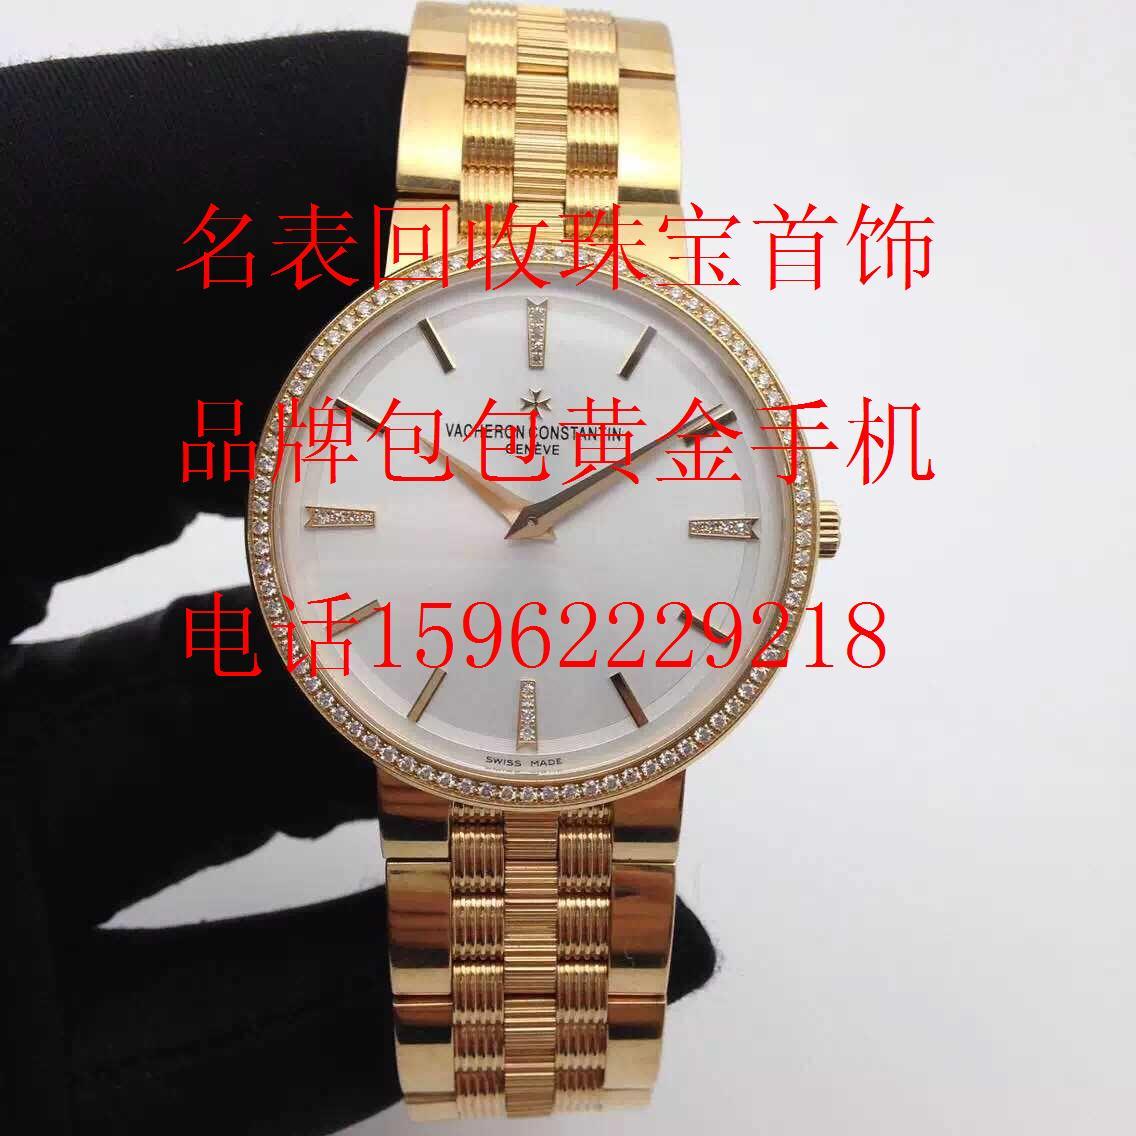 江阴二手新旧手表回收